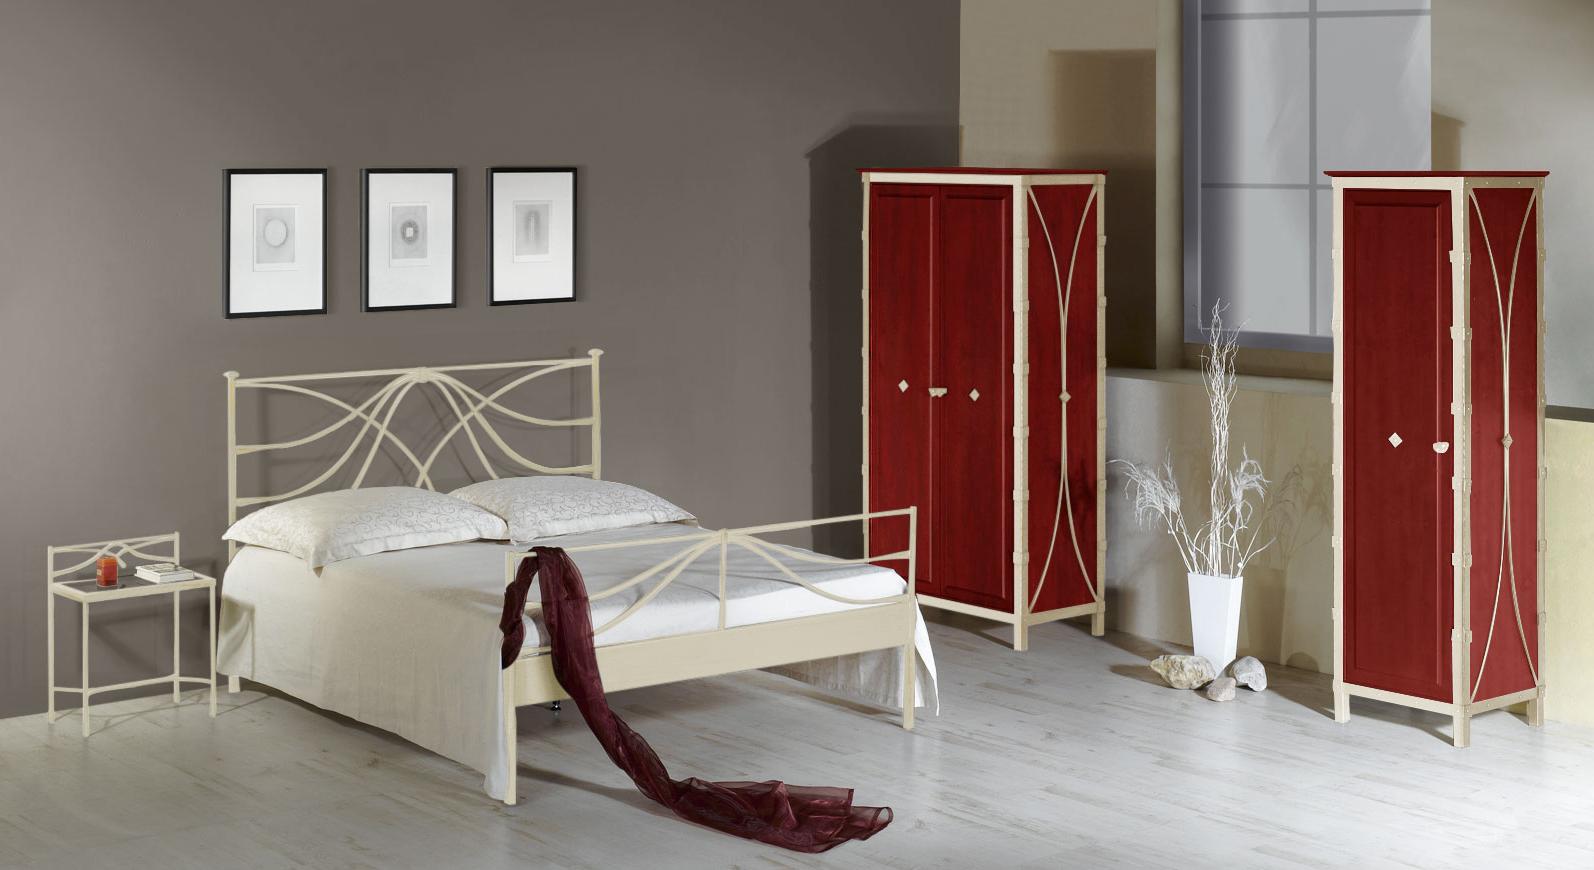 Komplett-Schlafzimmer Arica aus Metall